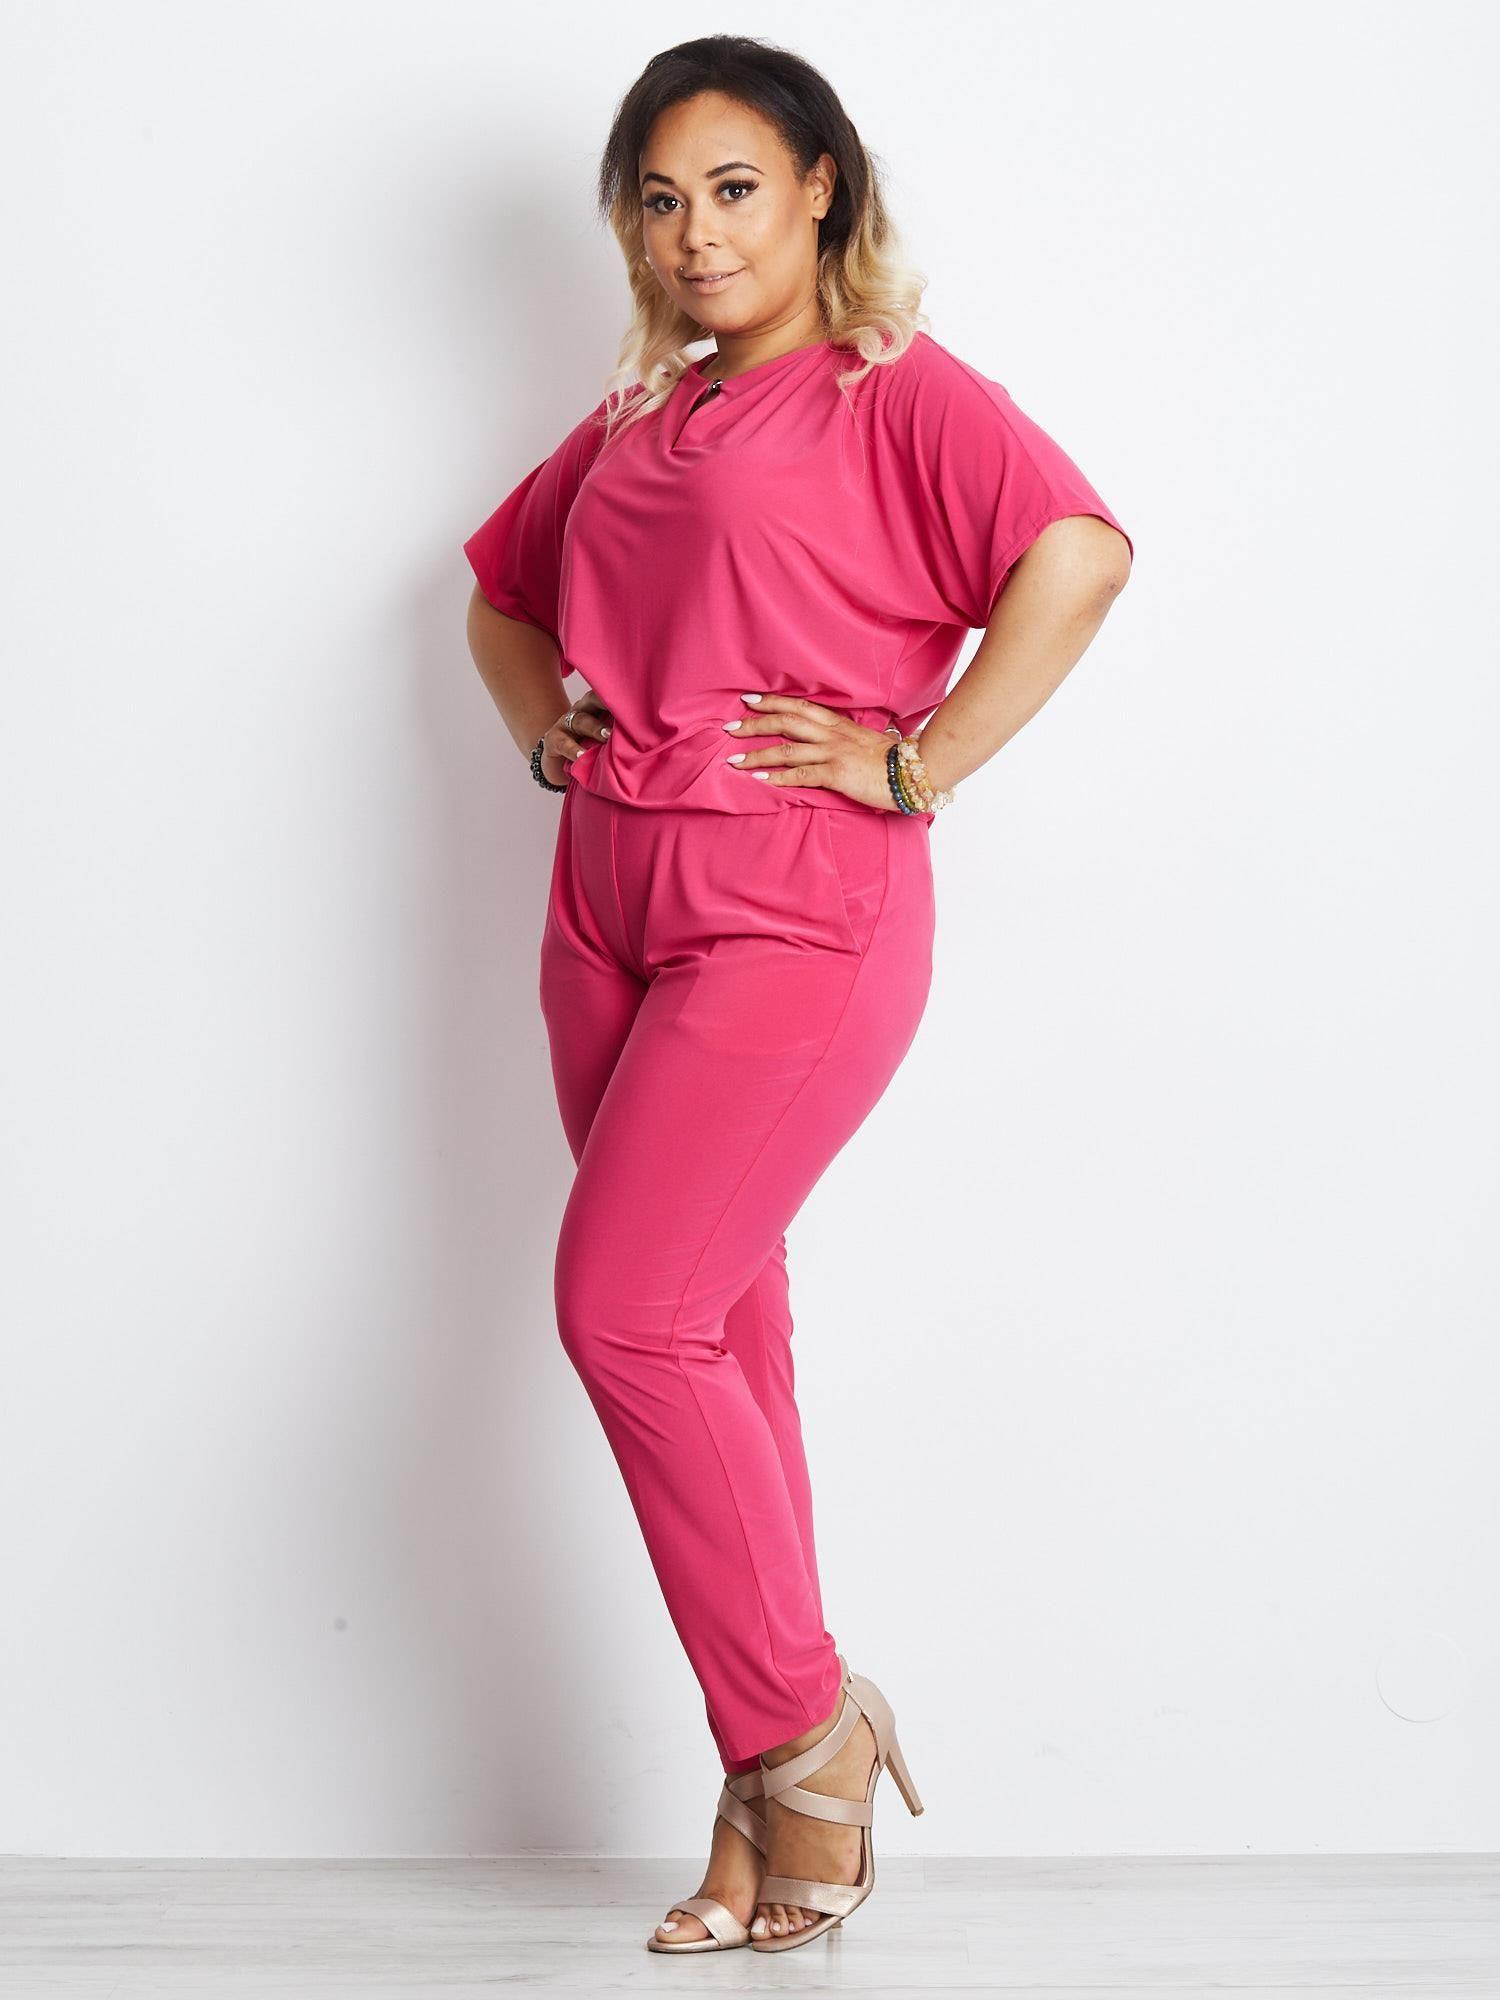 96b3de85e7d927 Różowy kombinezon plus size Appropriately - Spodnie Kombinezony ...